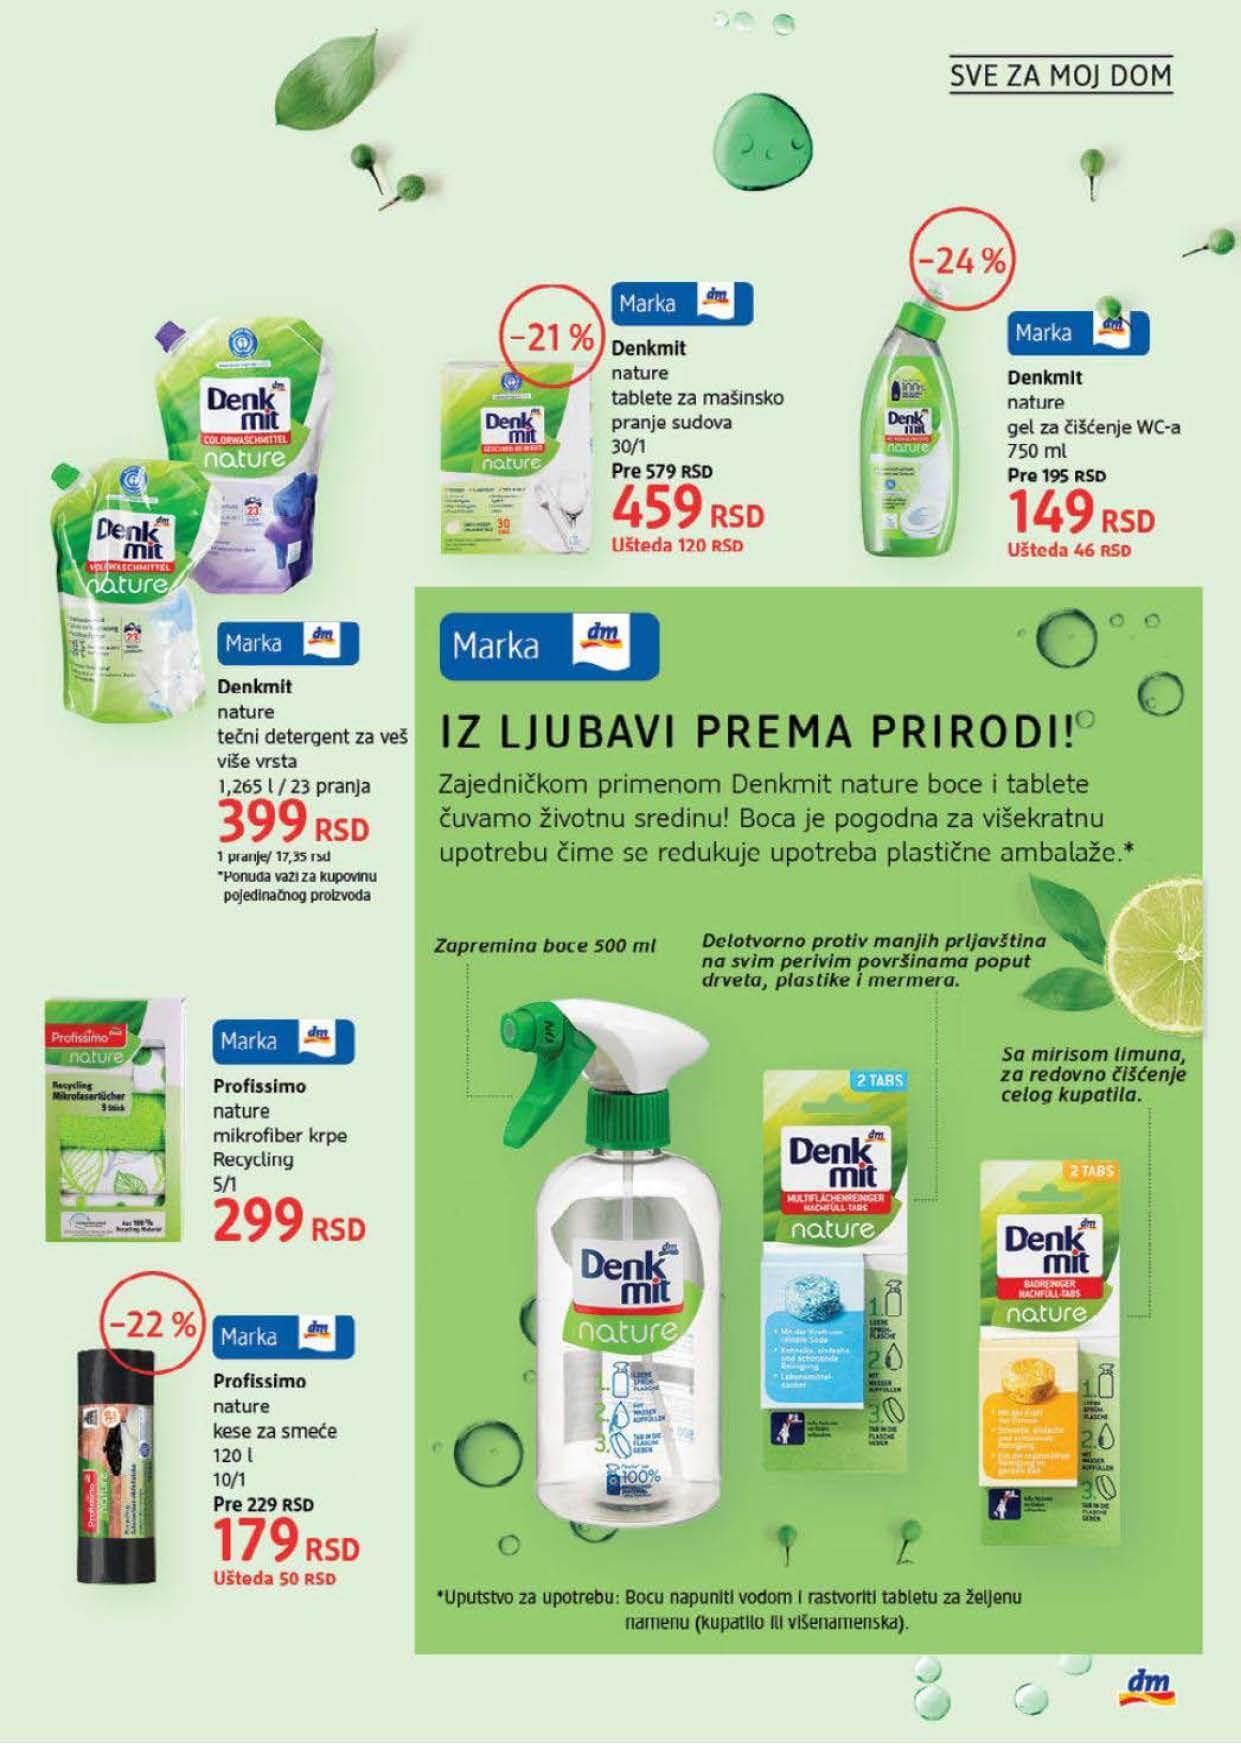 DM Katalog SRBIJA JUL 2021 ekatalozi.com PR Page 37